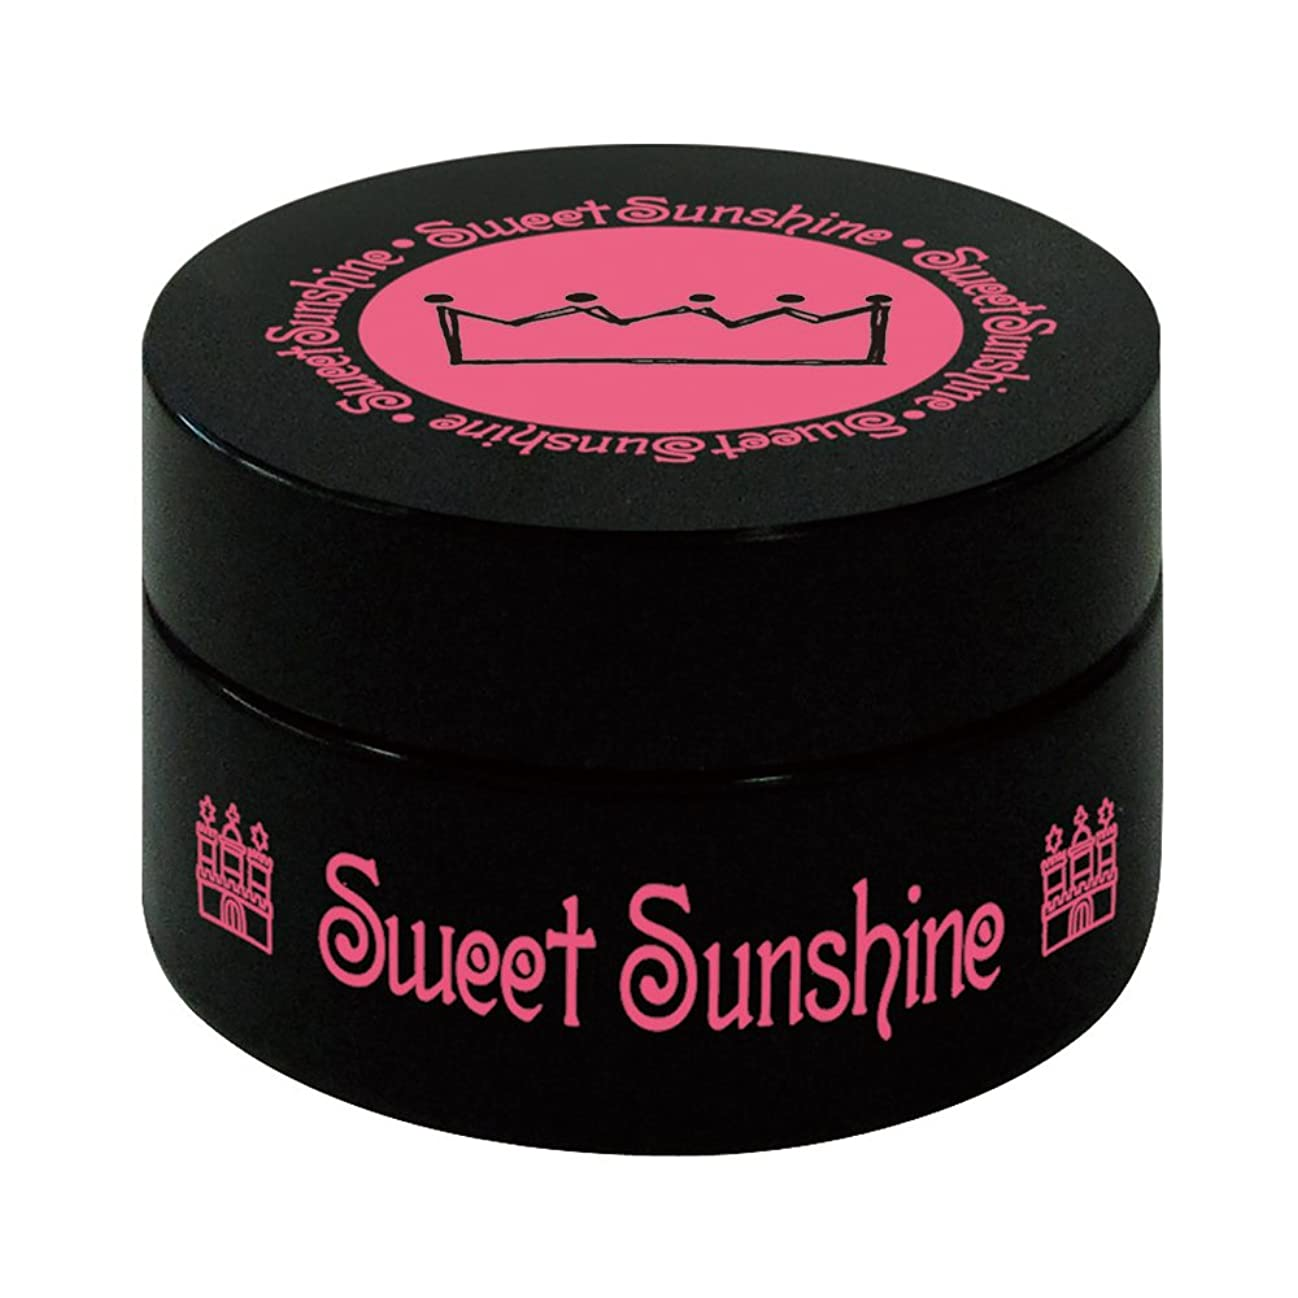 額ウミウシロードブロッキング最速硬化LED対応 Sweet Sunshine スィート サンシャイン カラージェル SC-21 4g ベージュ